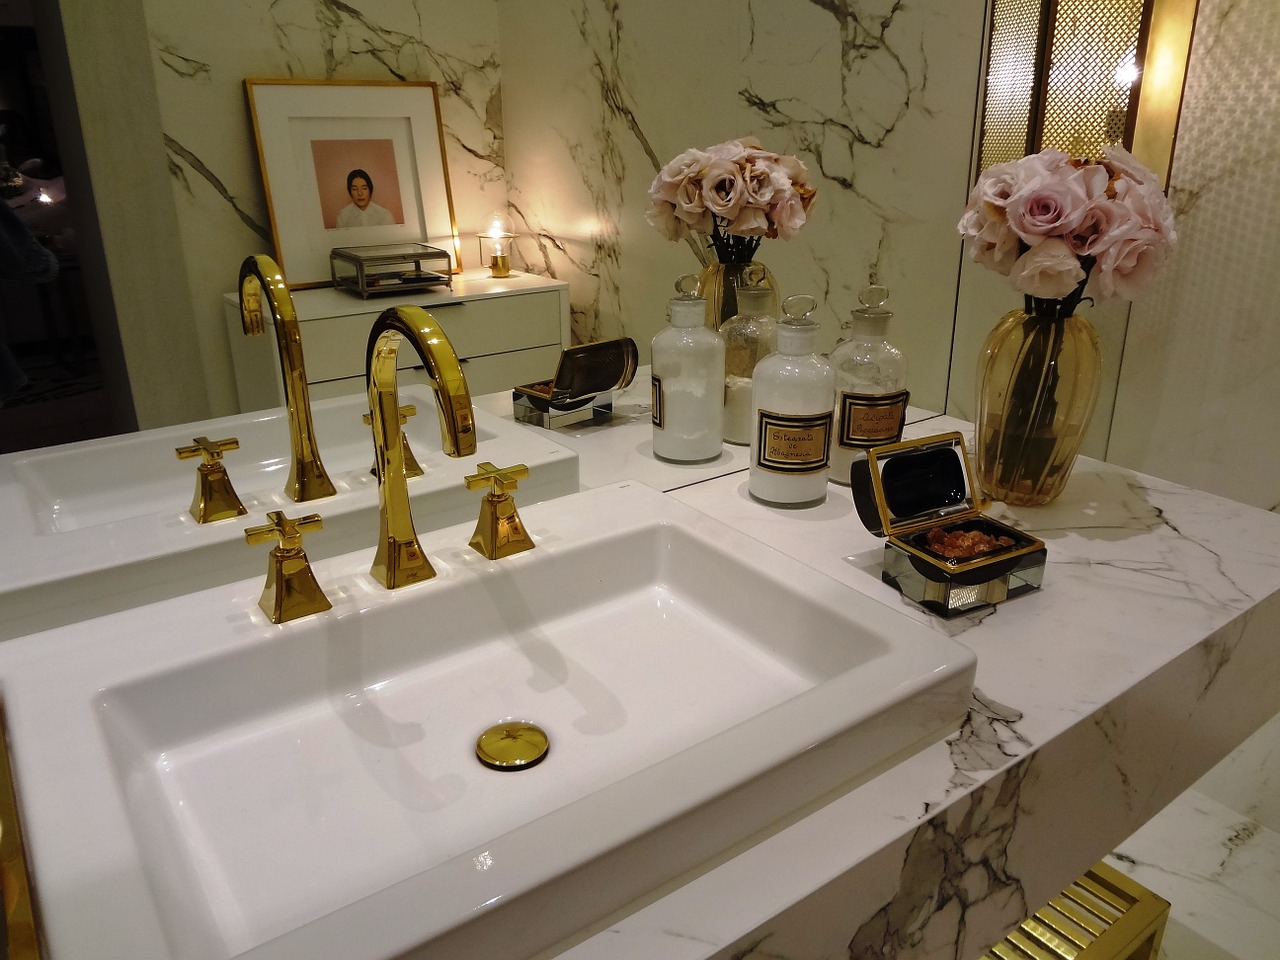 Rénovation de salle de bain complète dans la Haute-Marne